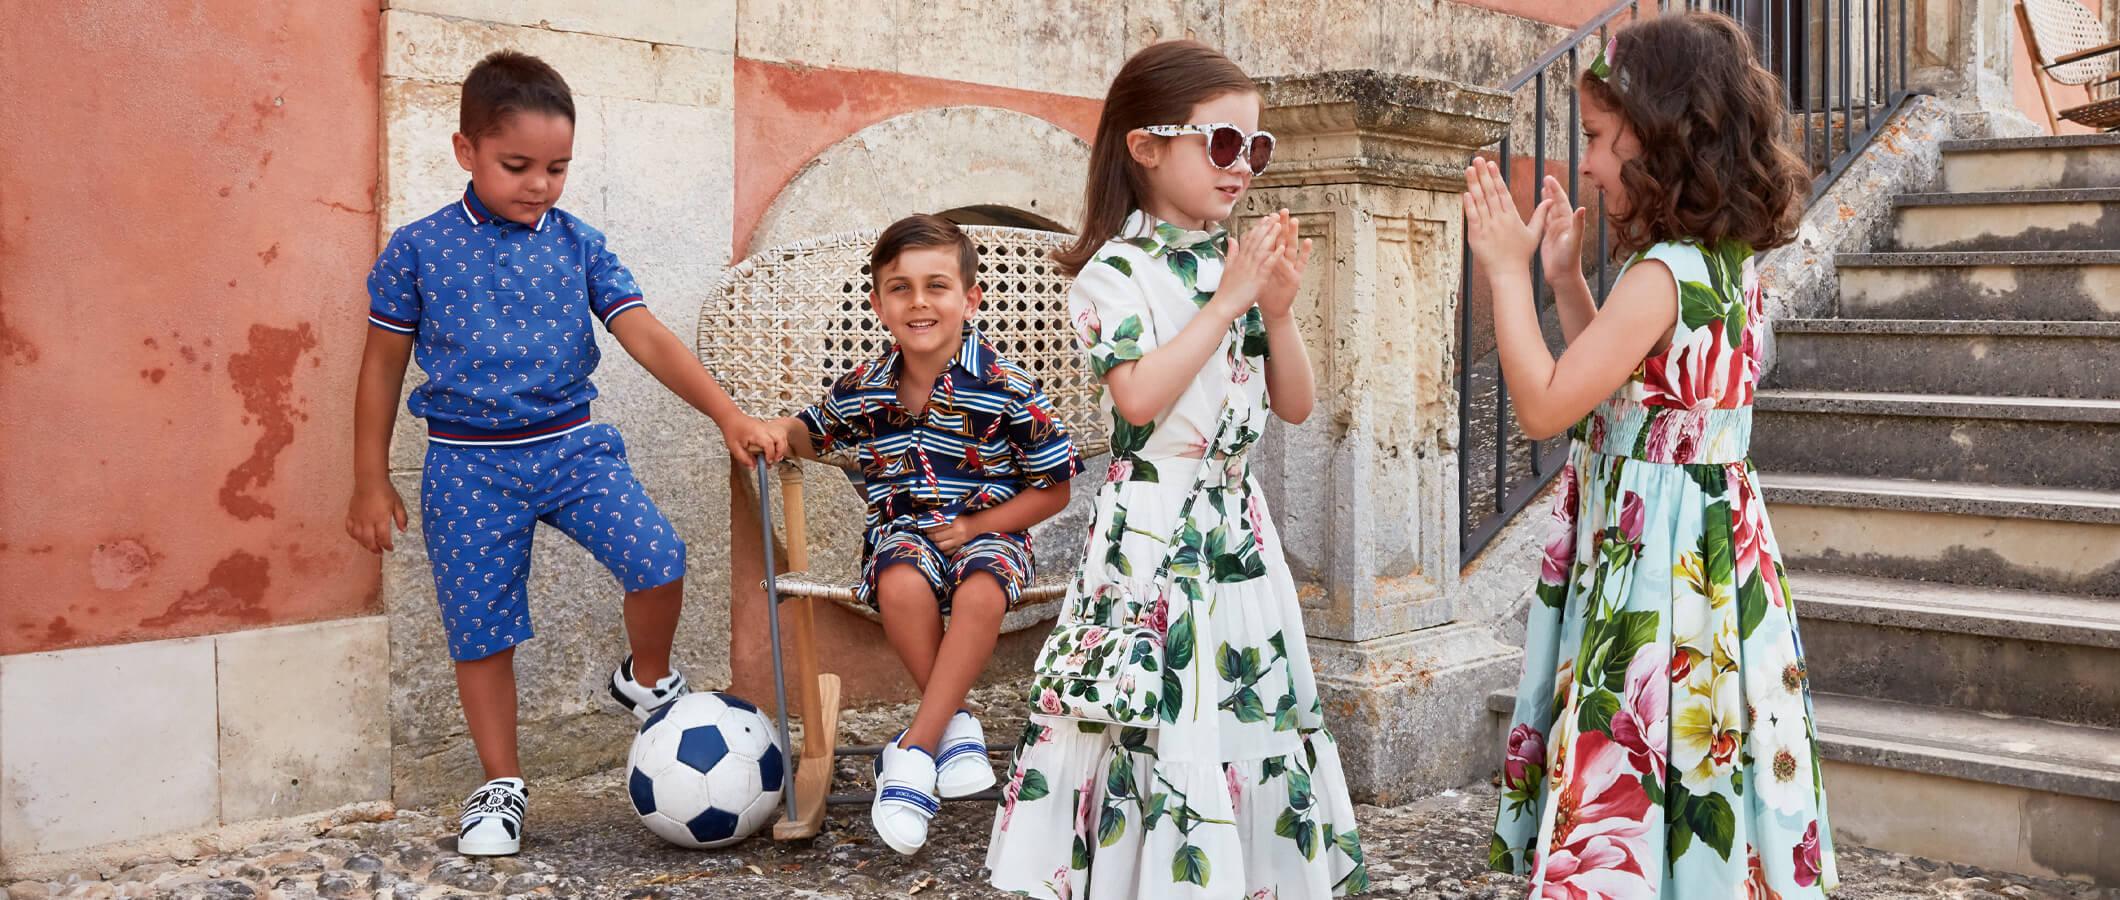 kids-blue-summer-floral